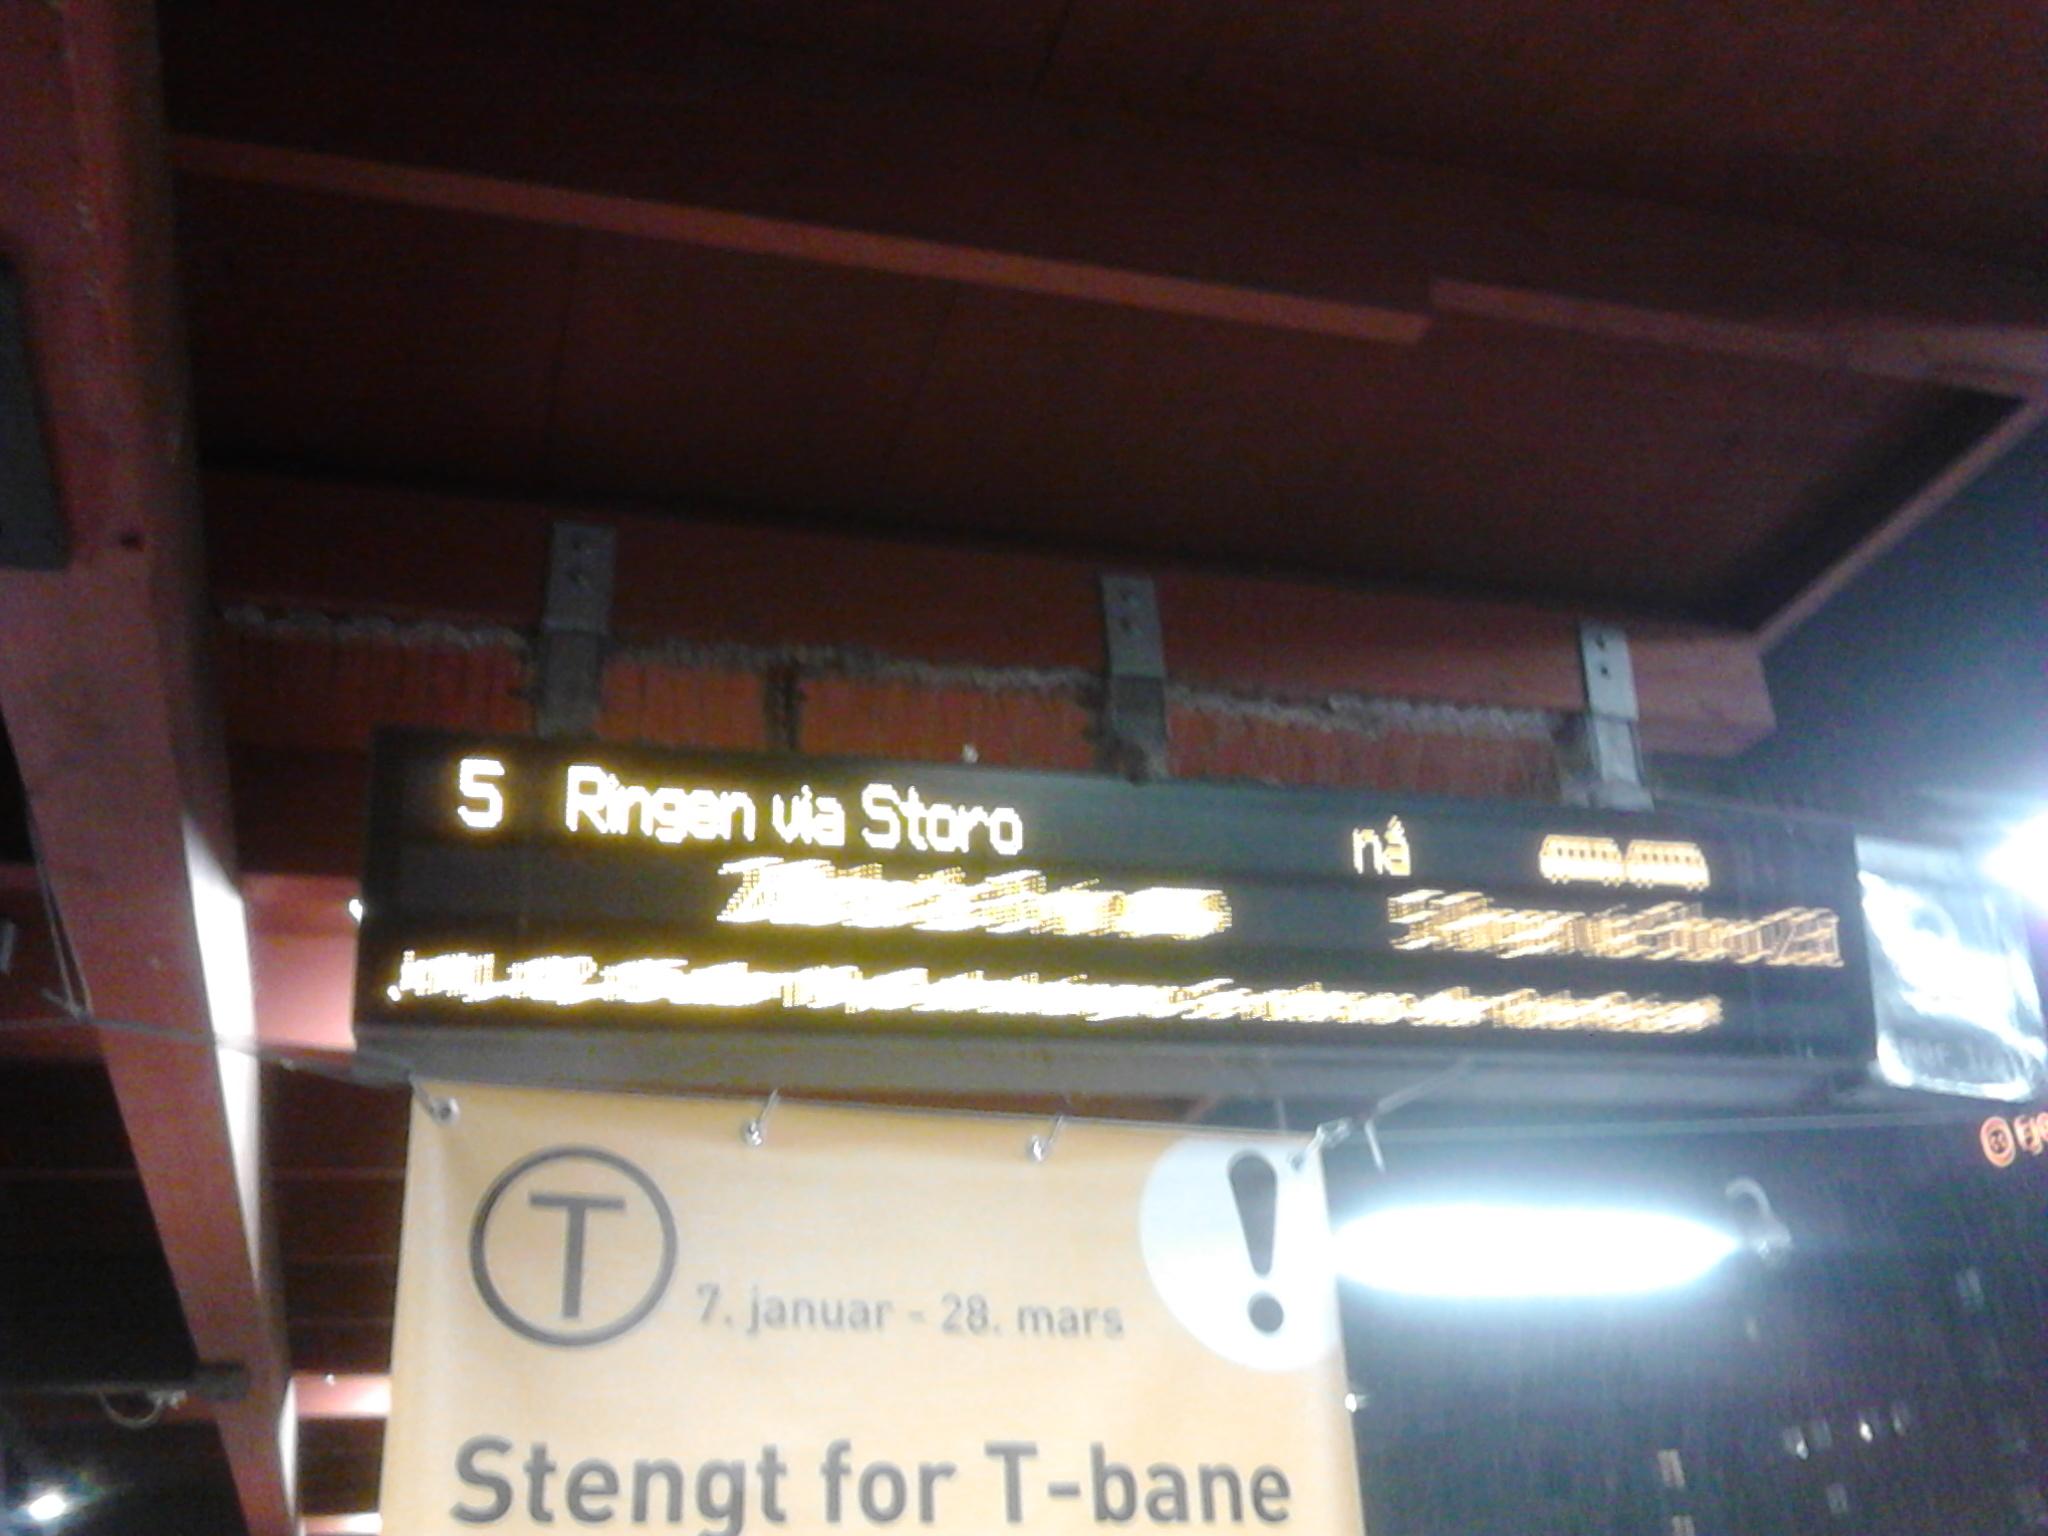 e29f7c93 Det var også sånn, at 3 Kolsås, (og den til Frognerseteren), ikke stod  oppført, på tavlen, (for når t-banene skulle gå):